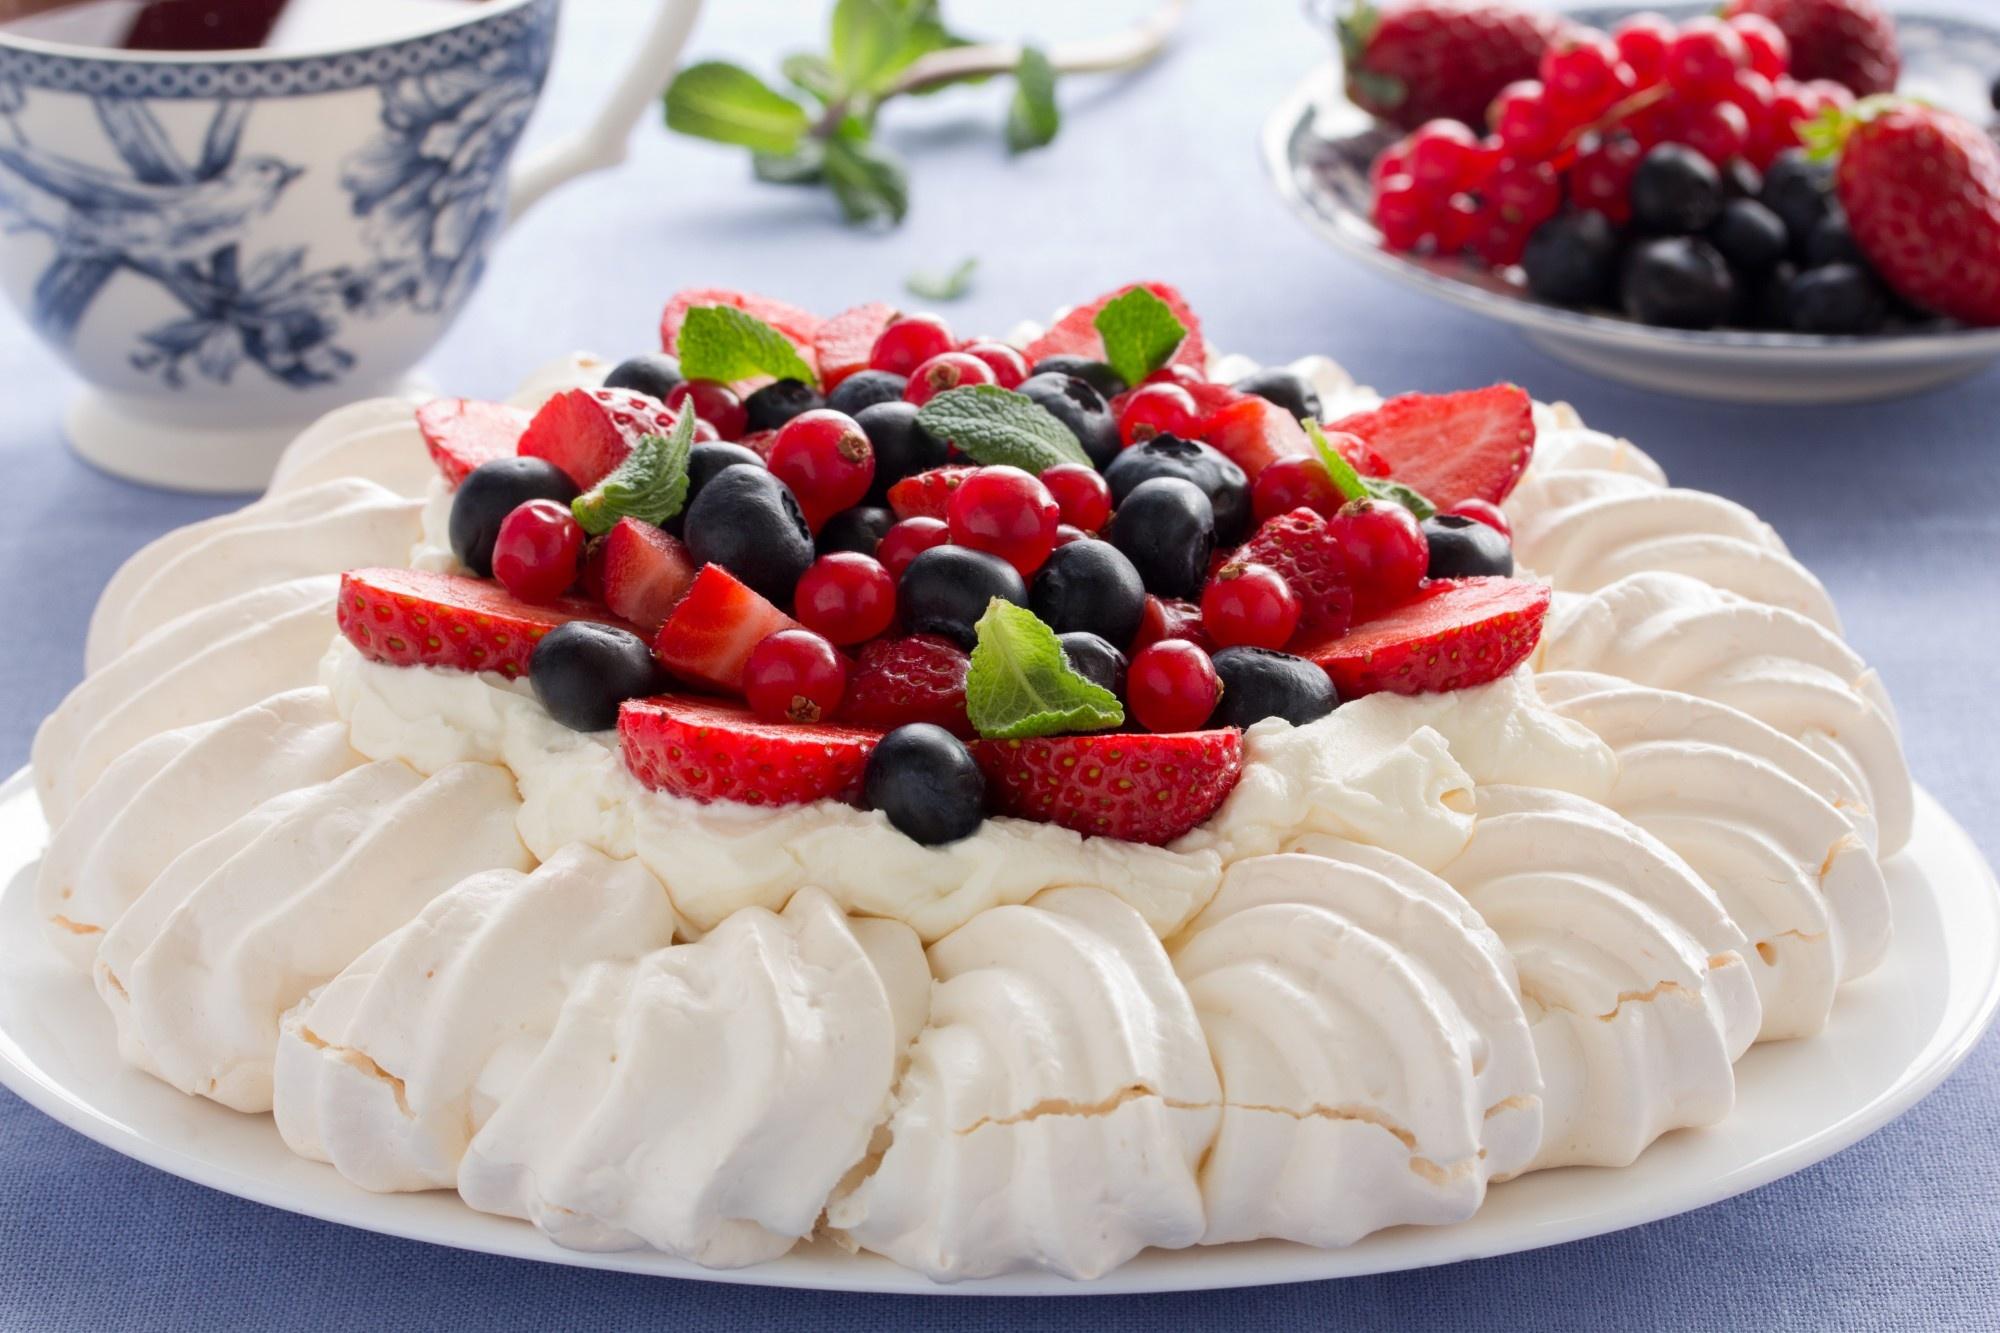 красивую надпись торт анна павлова классический рецепт с фото картинки